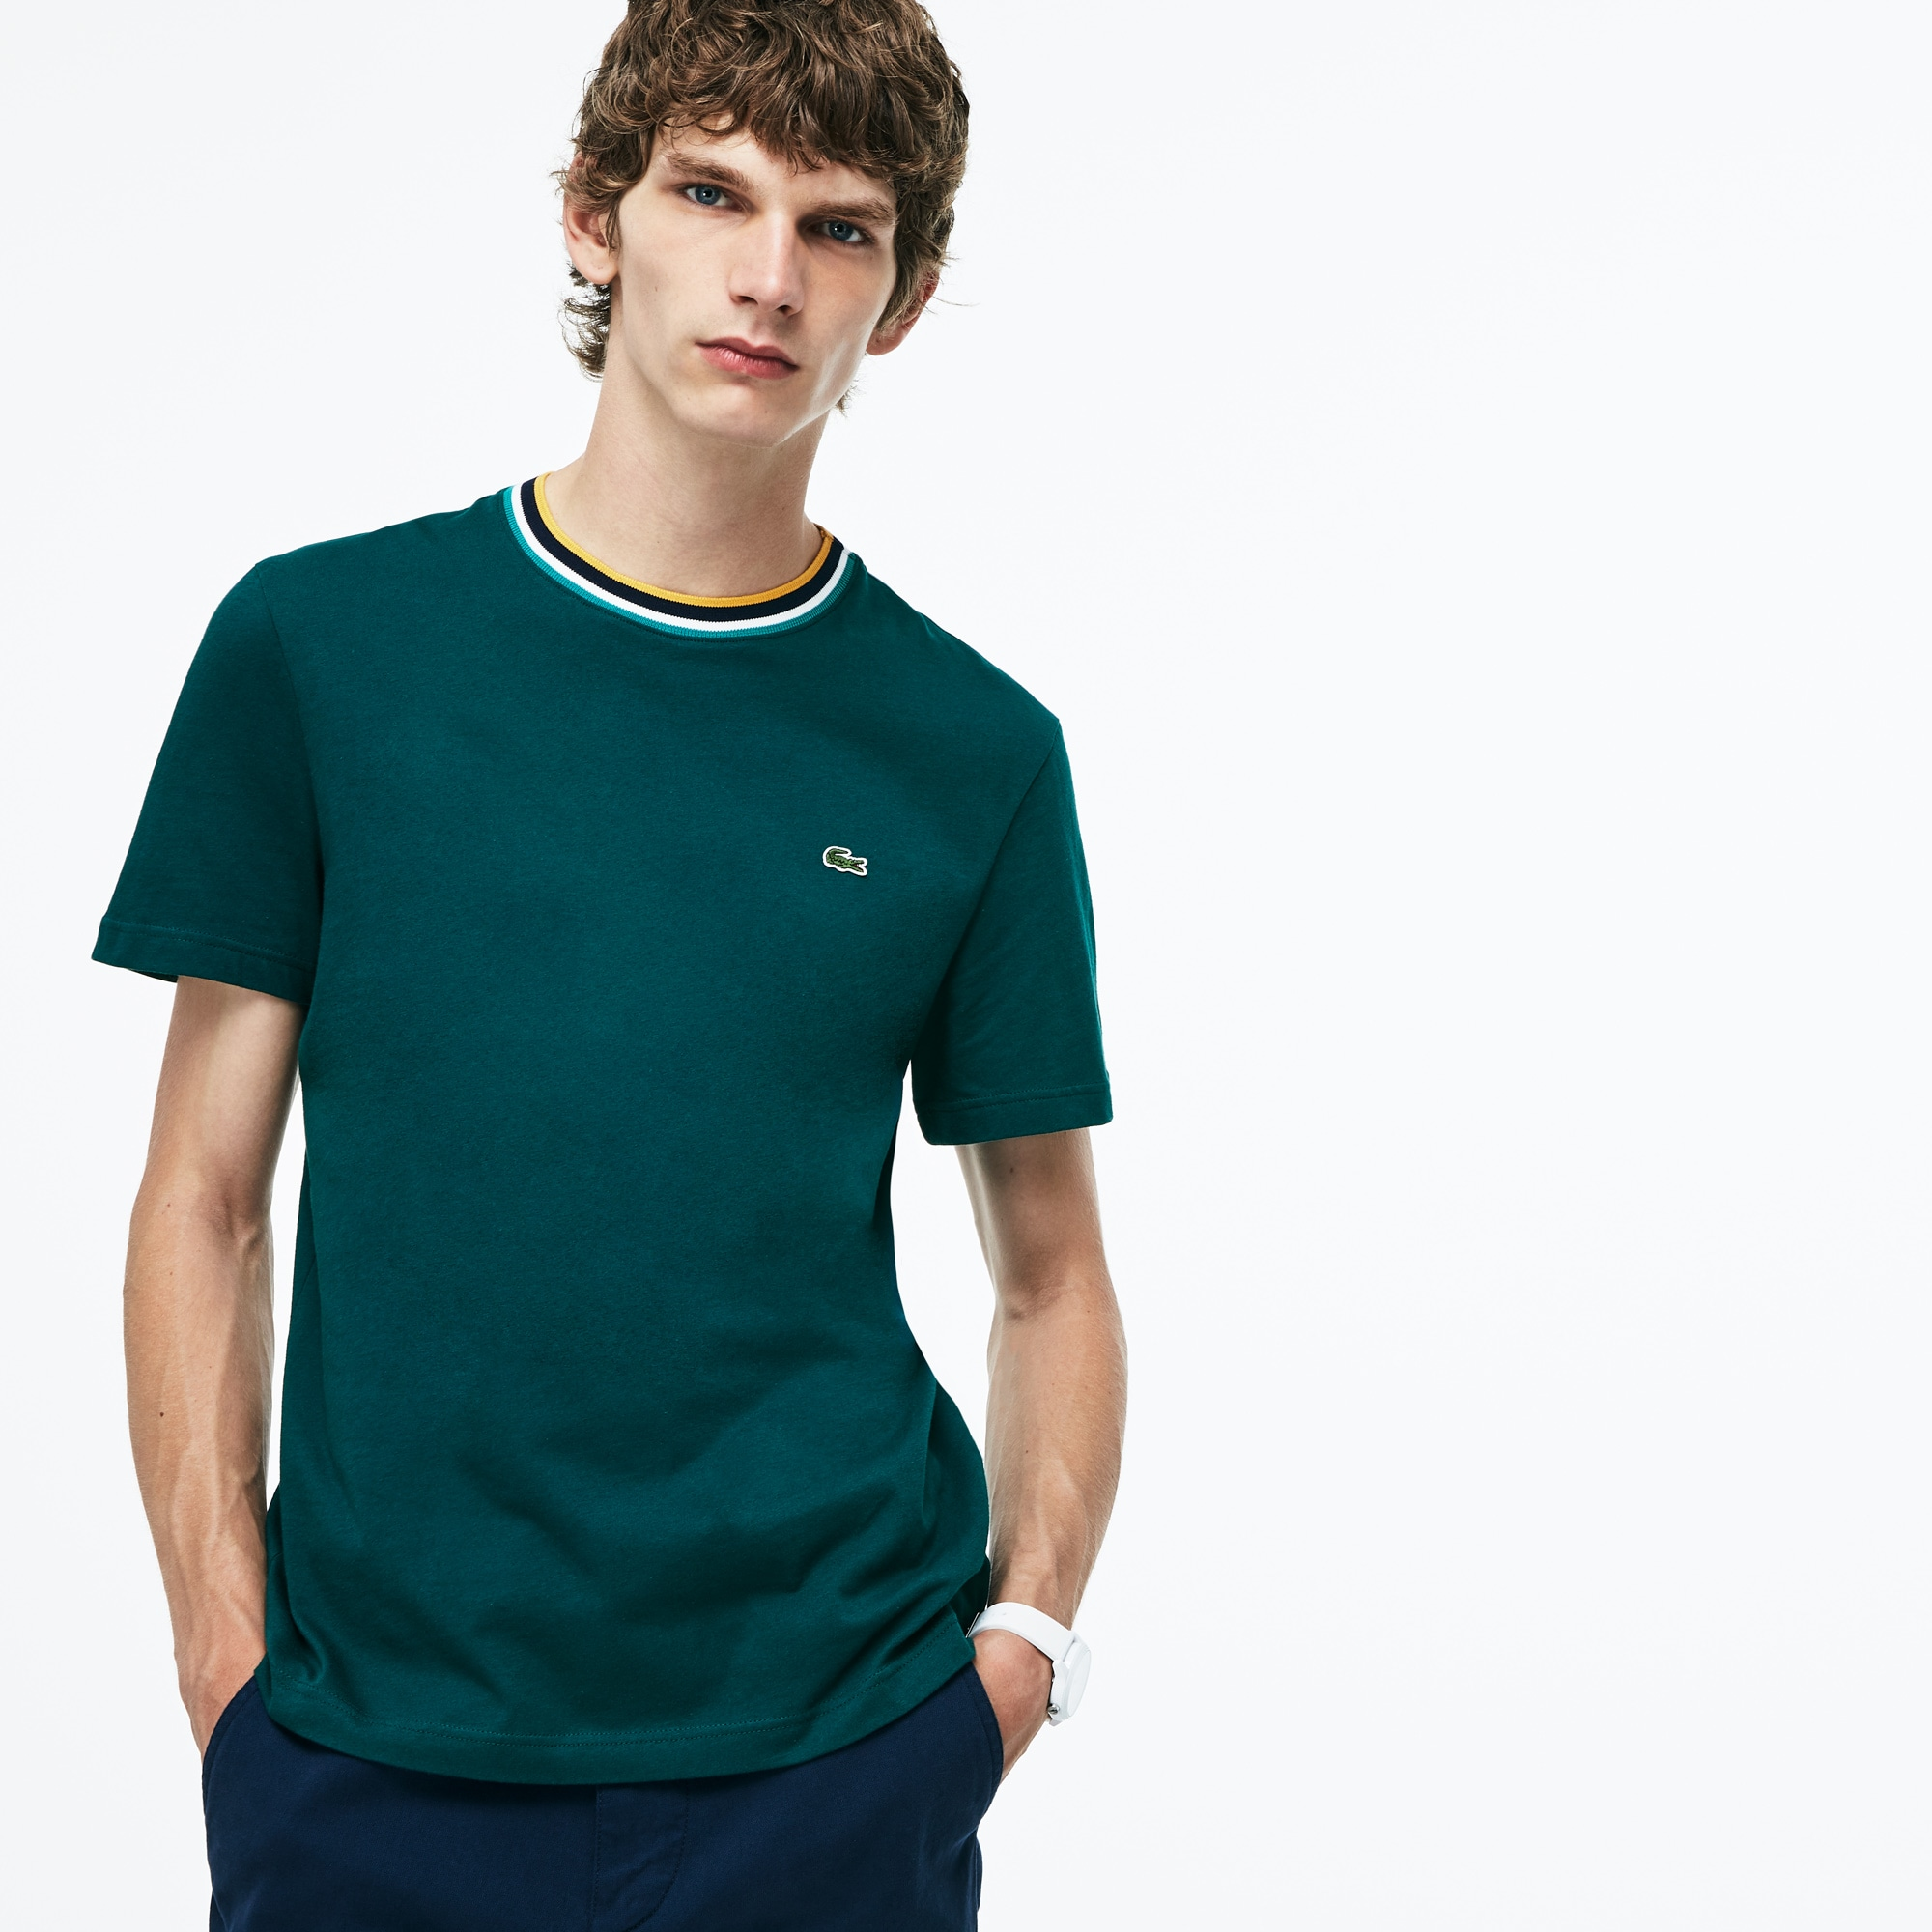 6a2771f289f Camisetas